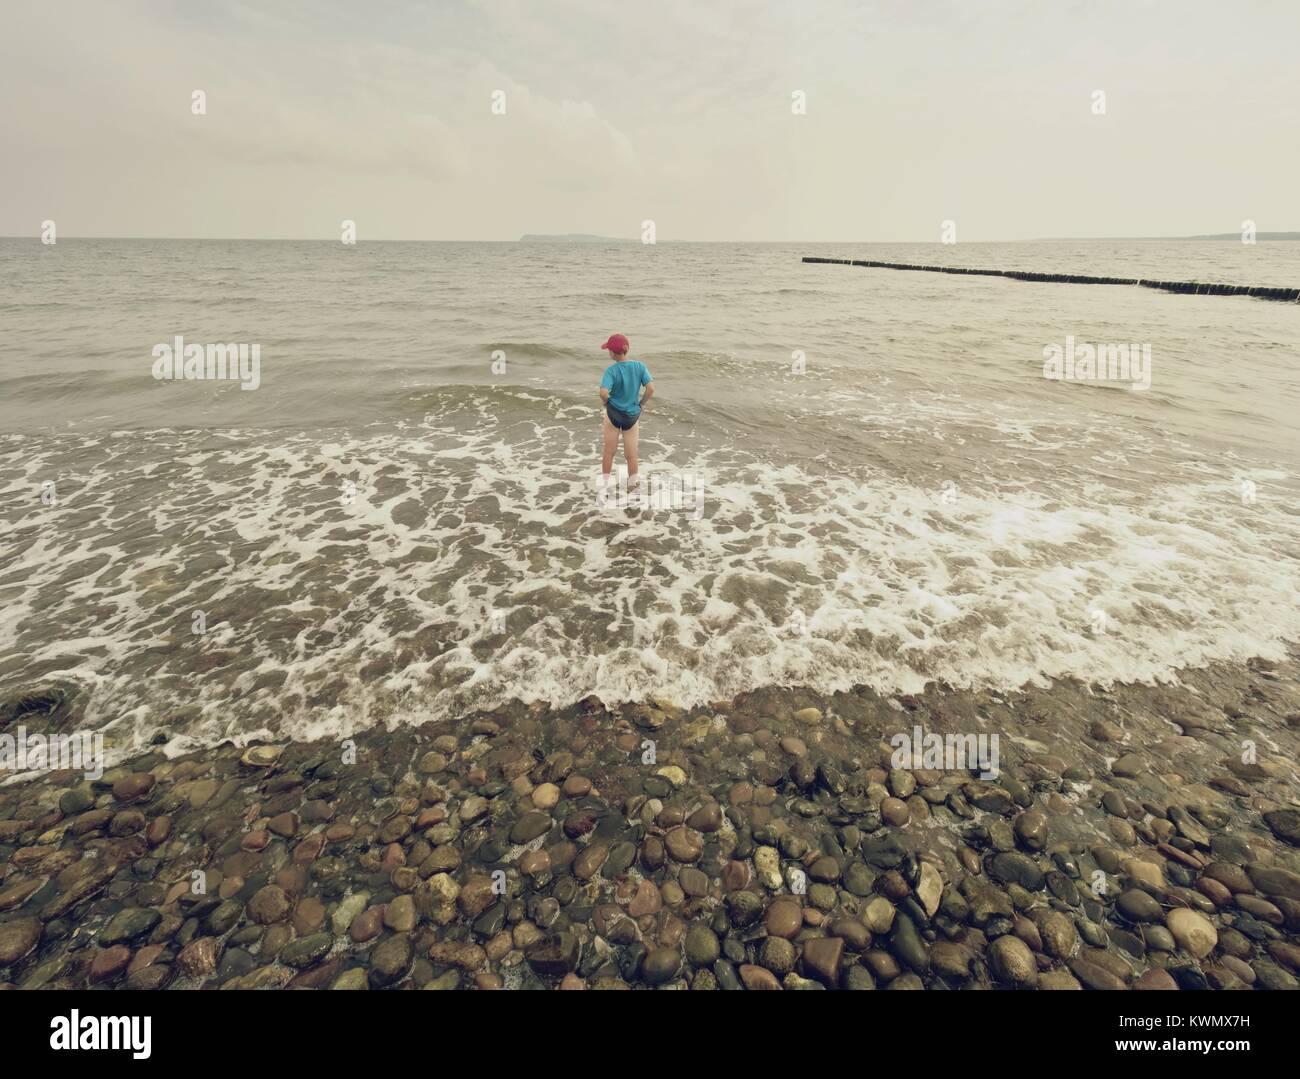 Cabello rubio niño permanecer en frío mar marea. Cabrito en playa de grava de espumosas olas. Día ventoso, nublado Foto de stock